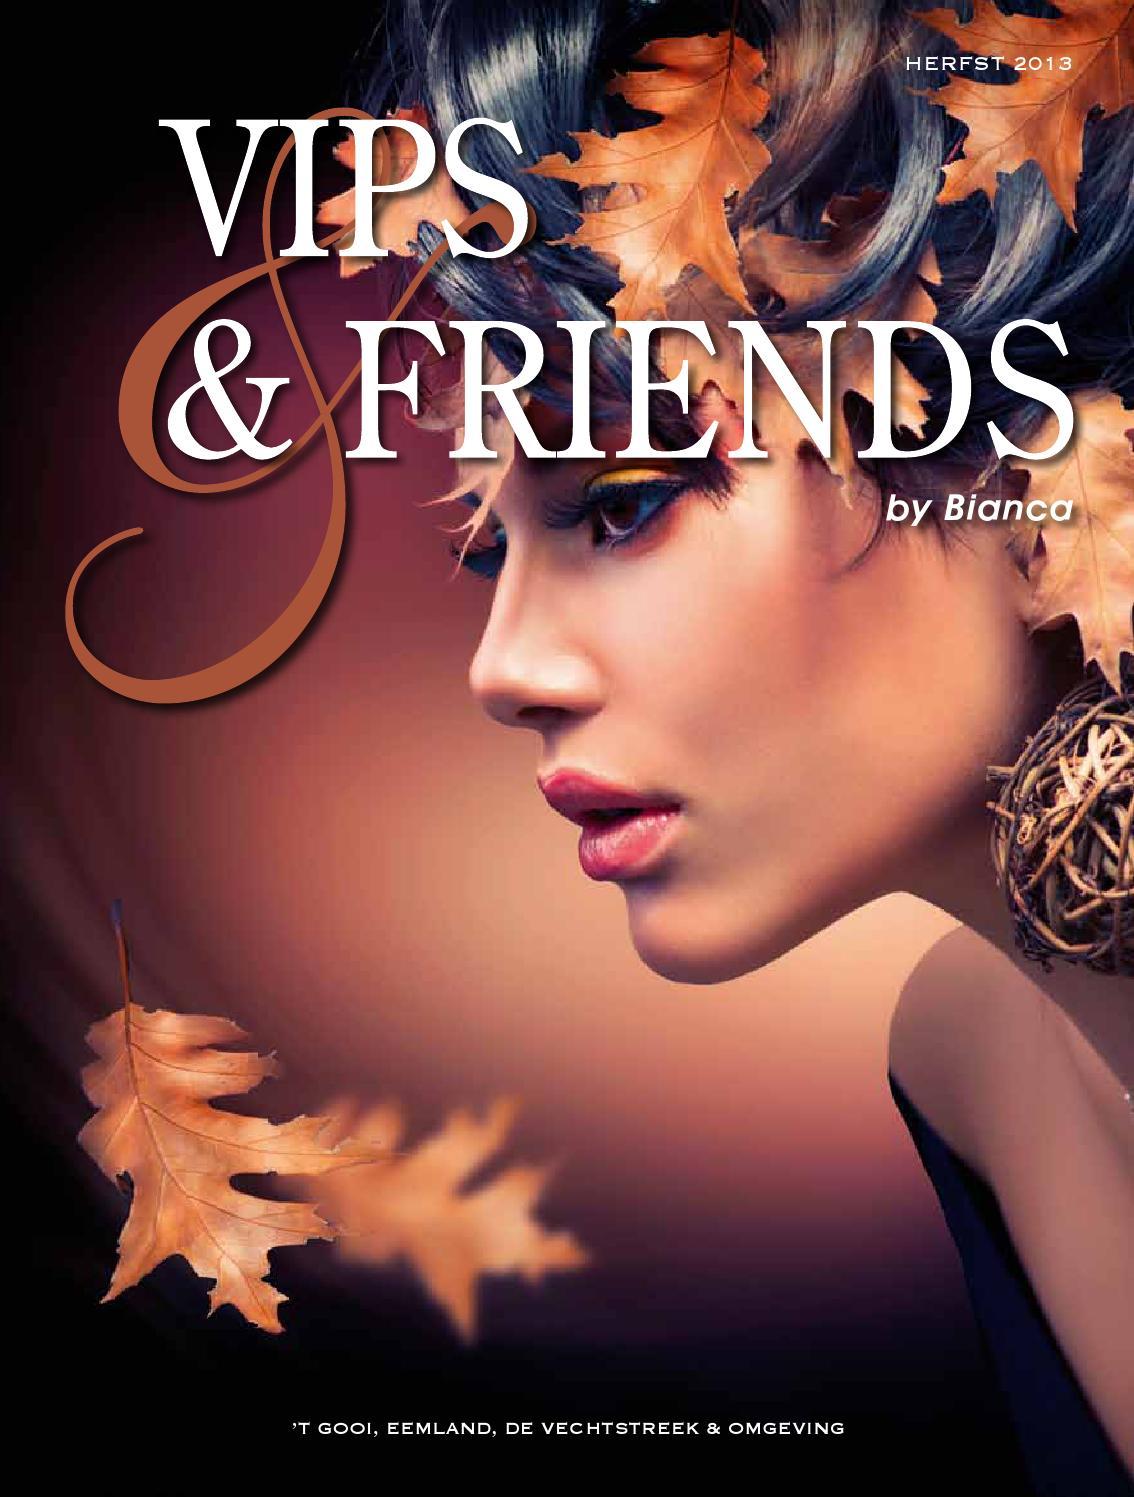 Vips & friends herfst 2013 by vips & friends   issuu